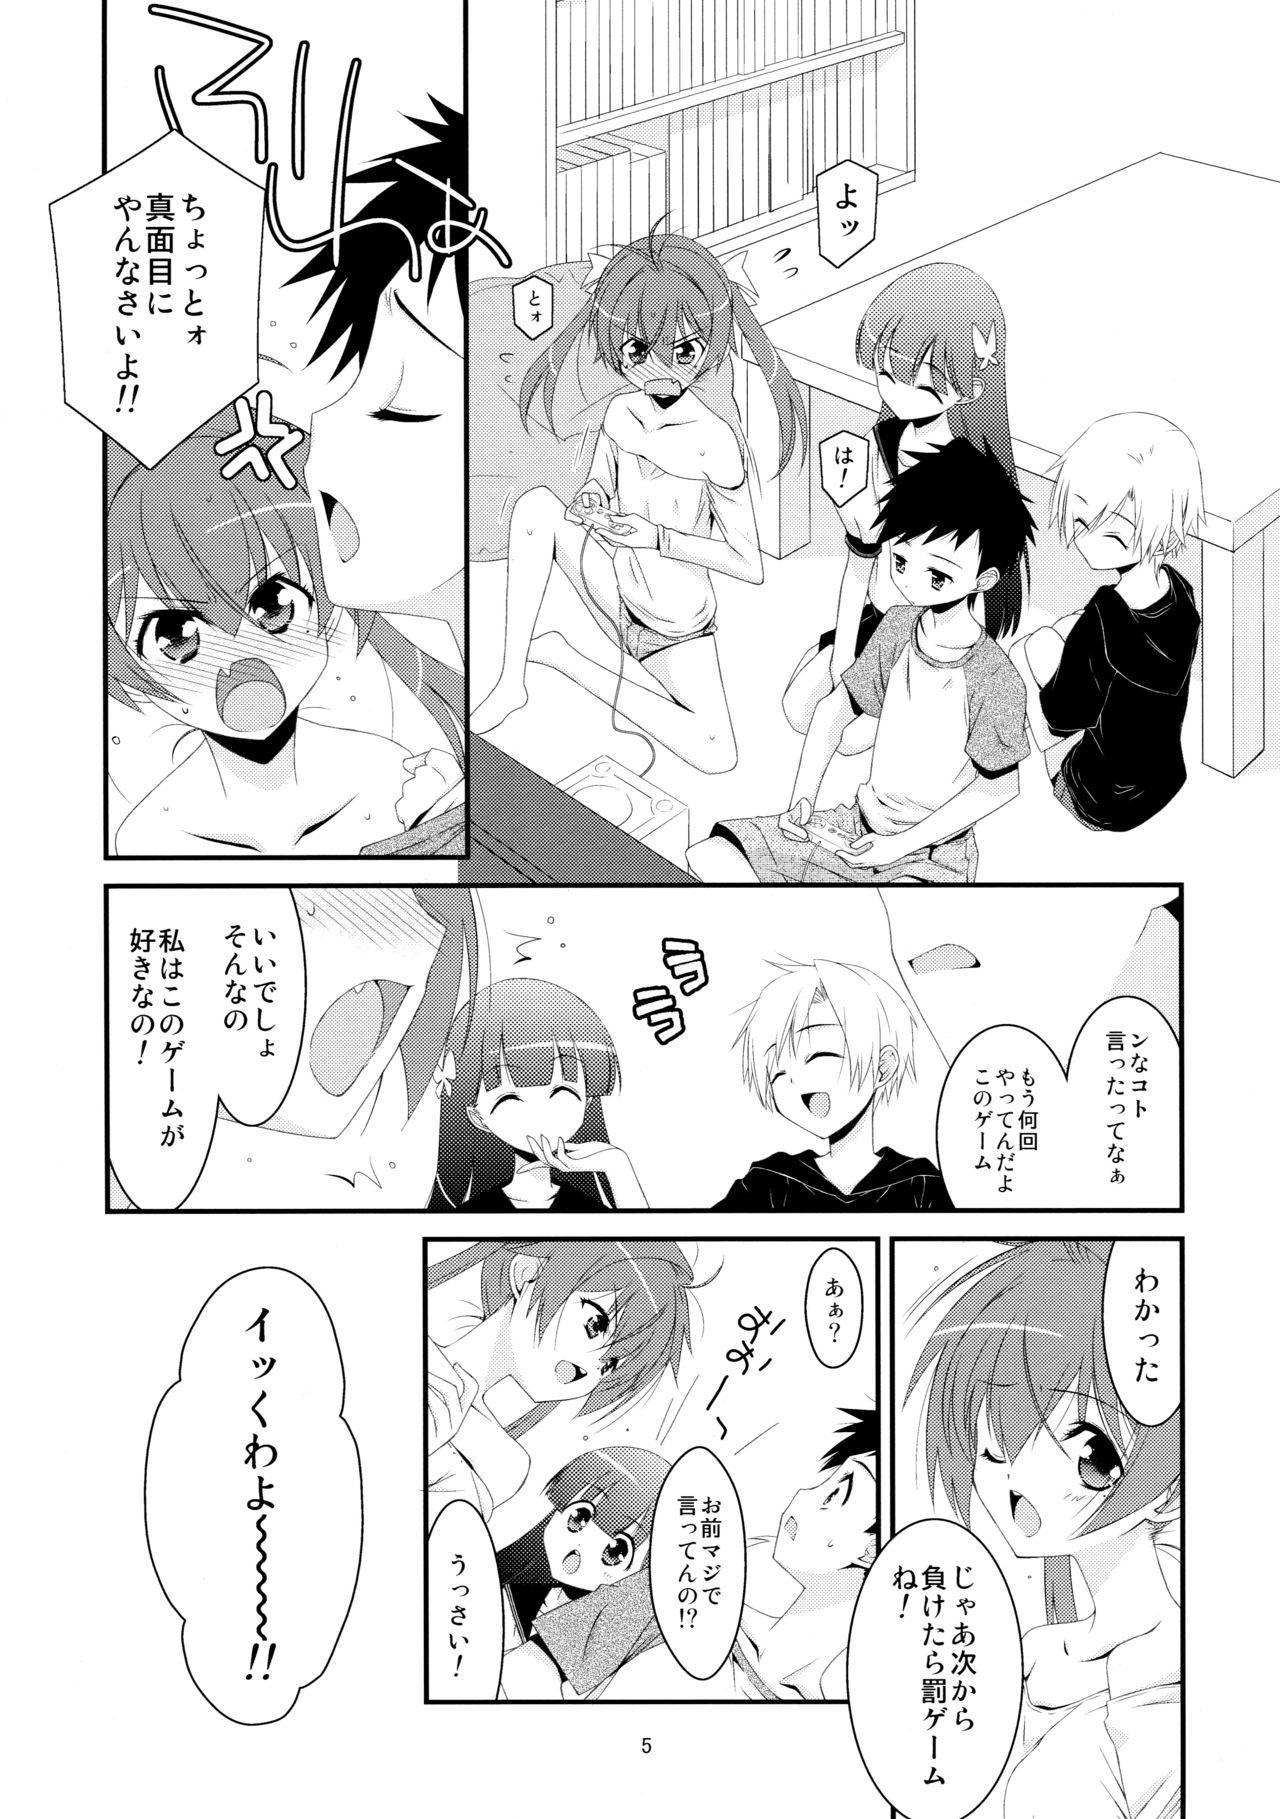 Himitsu no Asobi 4